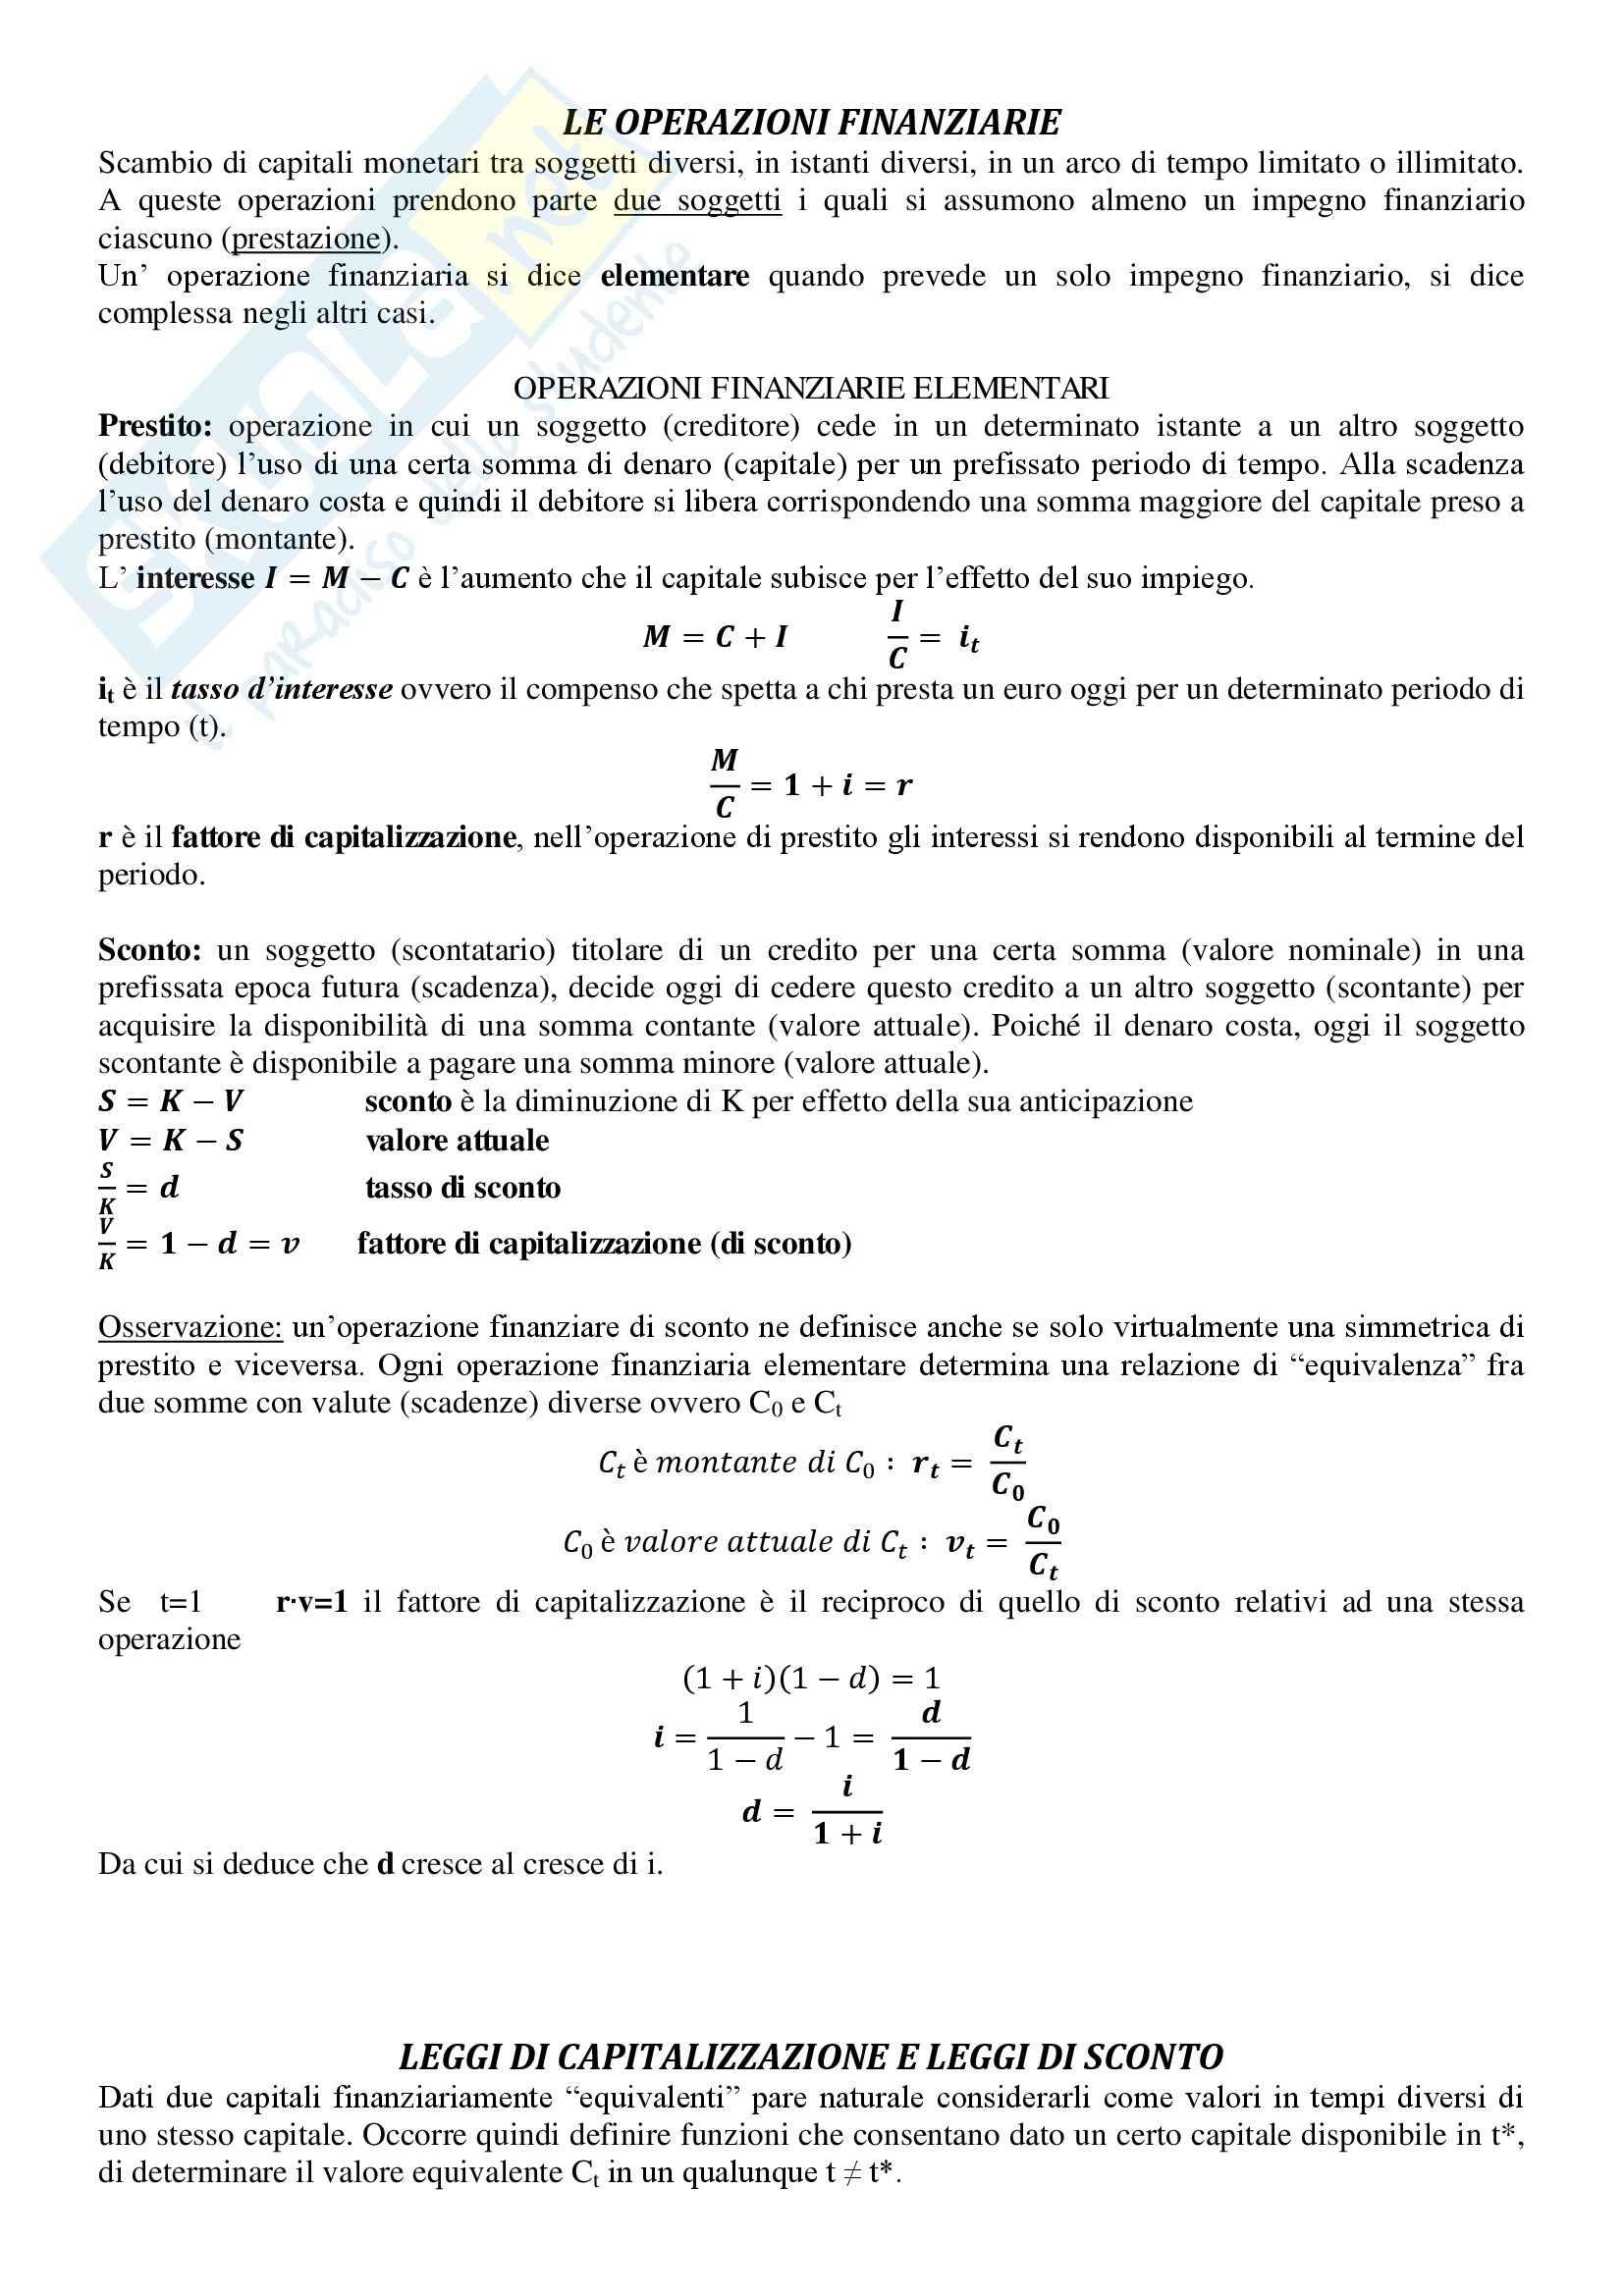 Matematica Finanziaria - Appunti